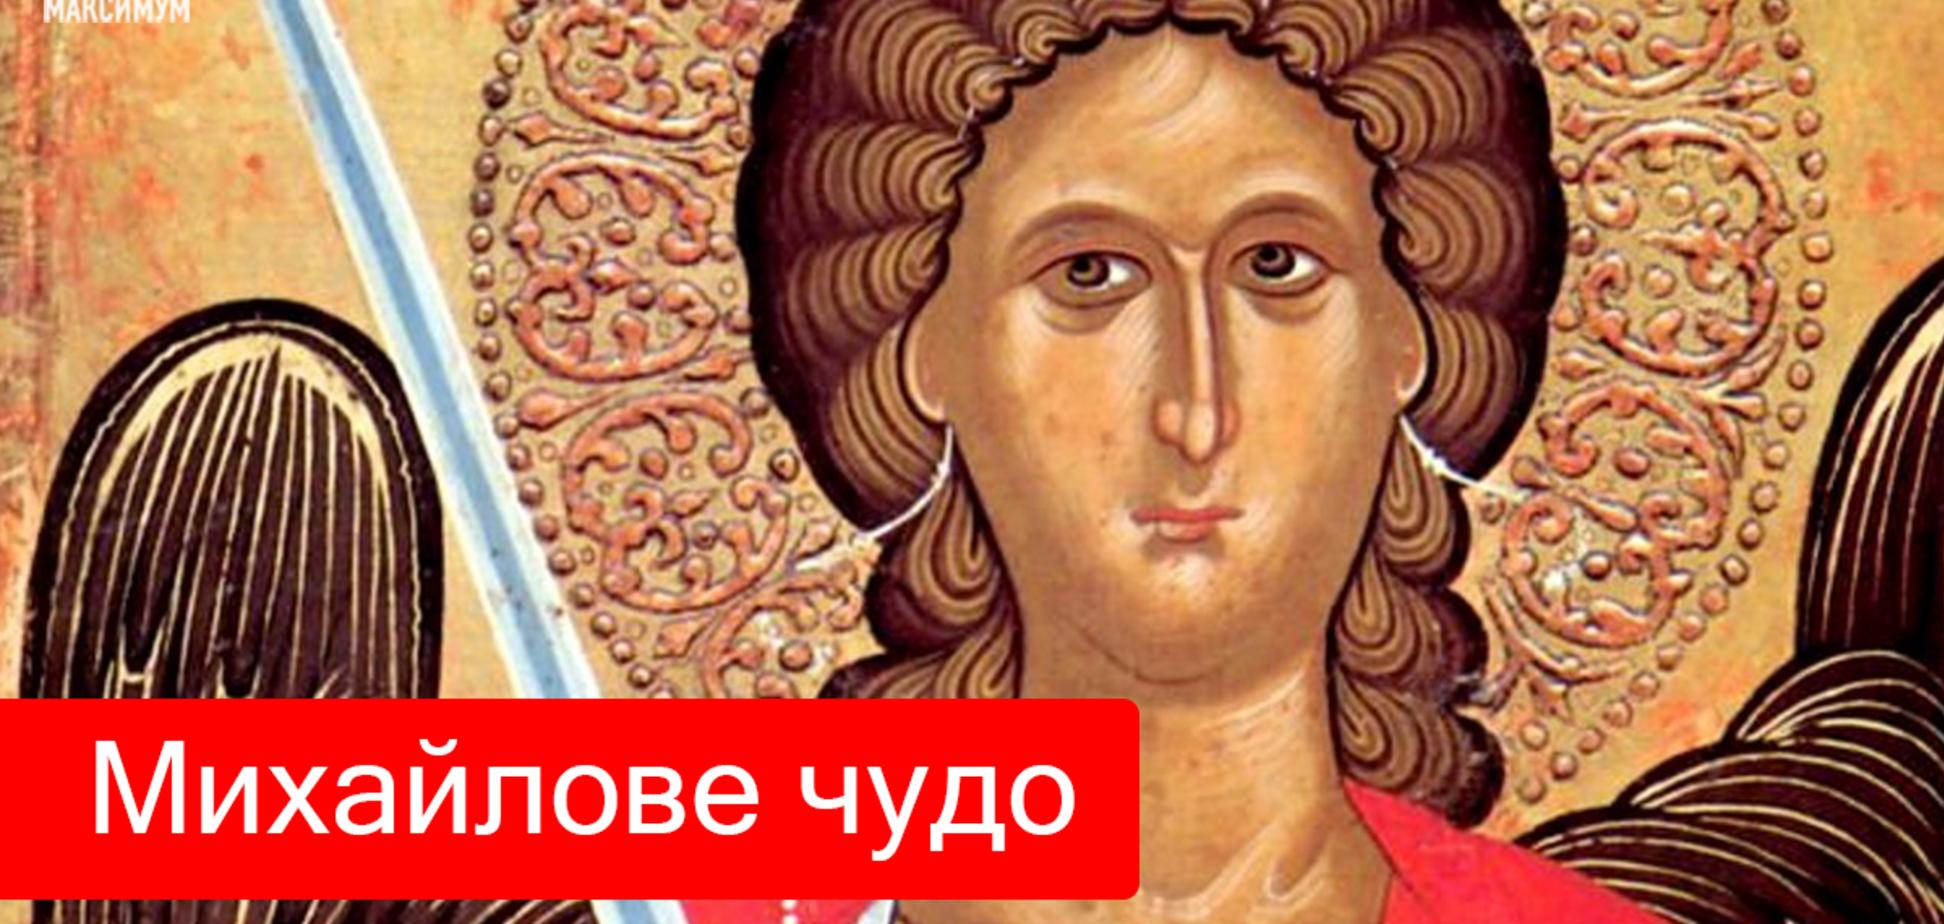 Михайлово чудо - поздравления